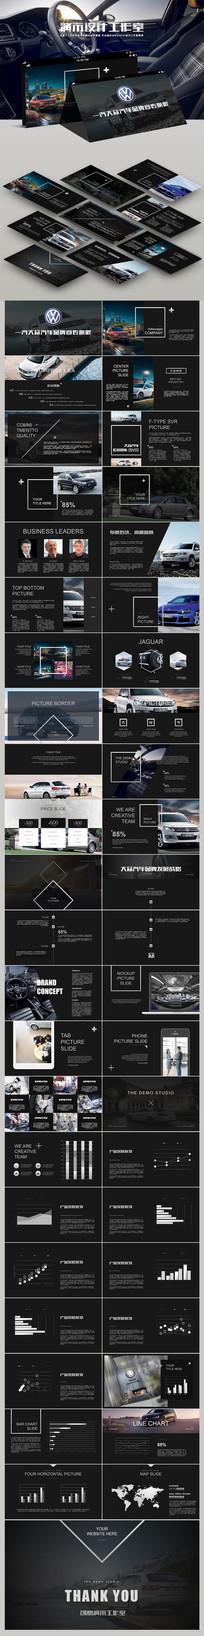 大众品牌汽车营销商业计划PPT